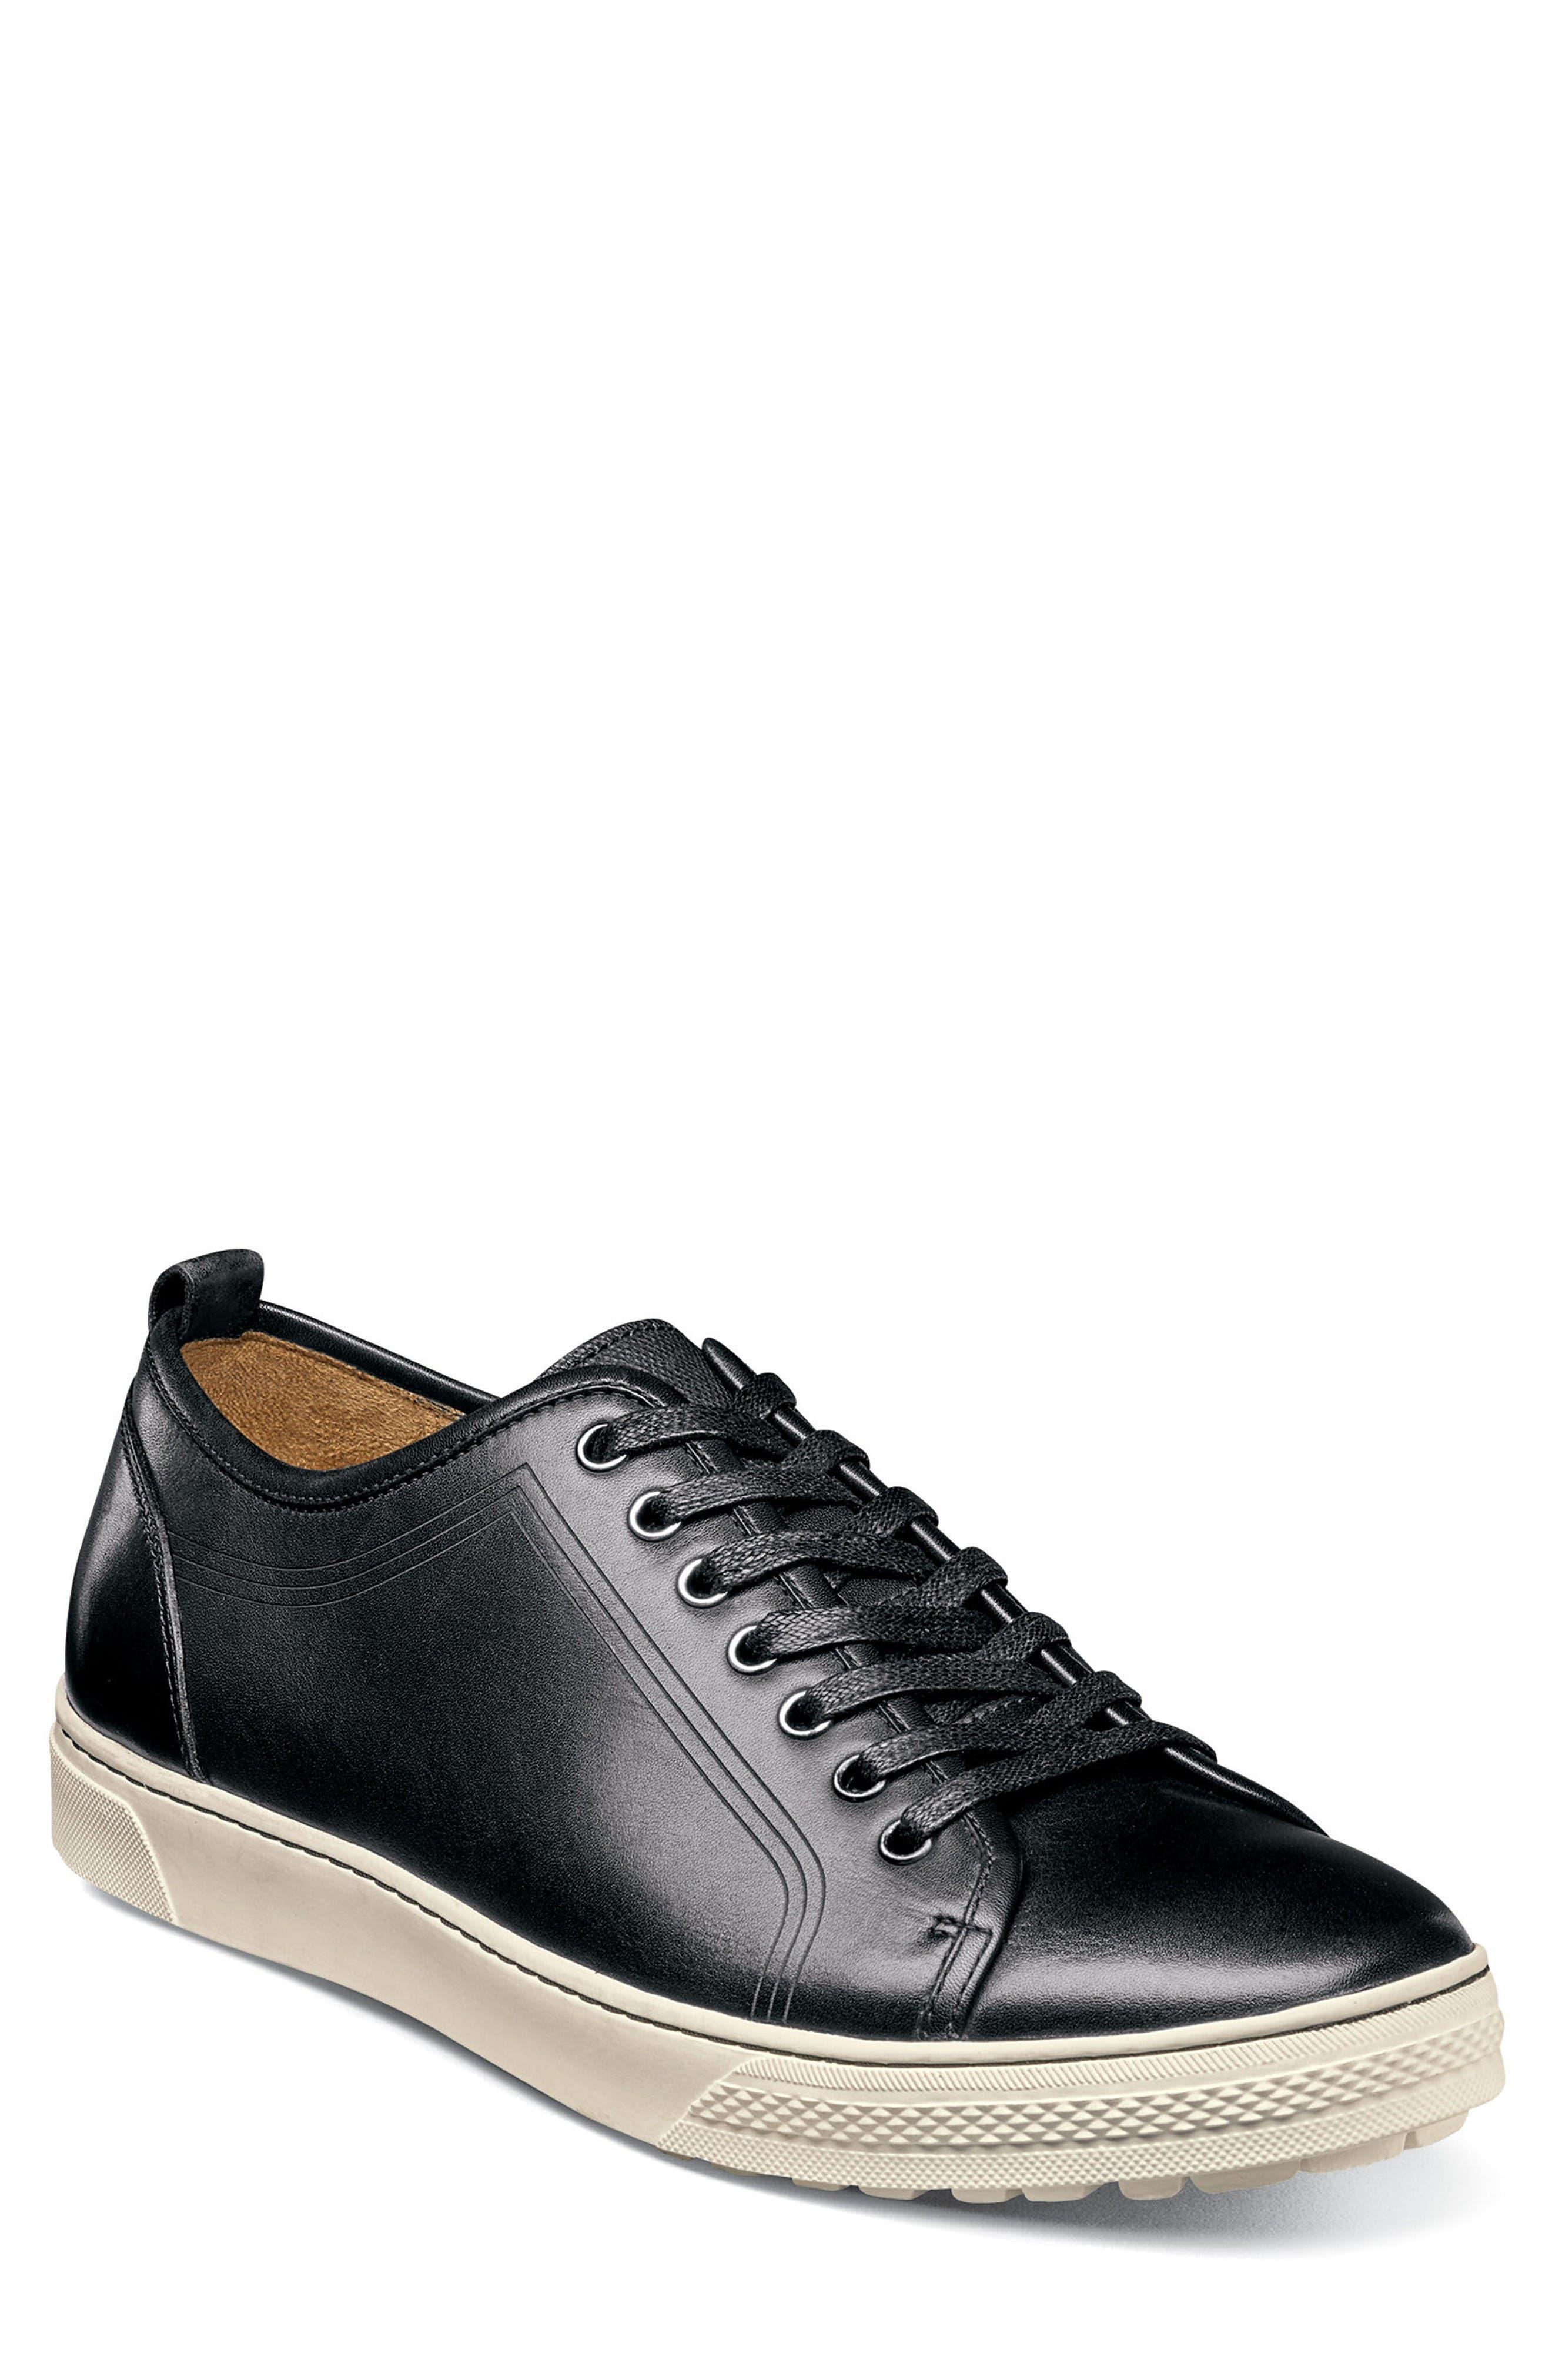 Main Image - Florsheim Forward Lo Sneaker (Men)